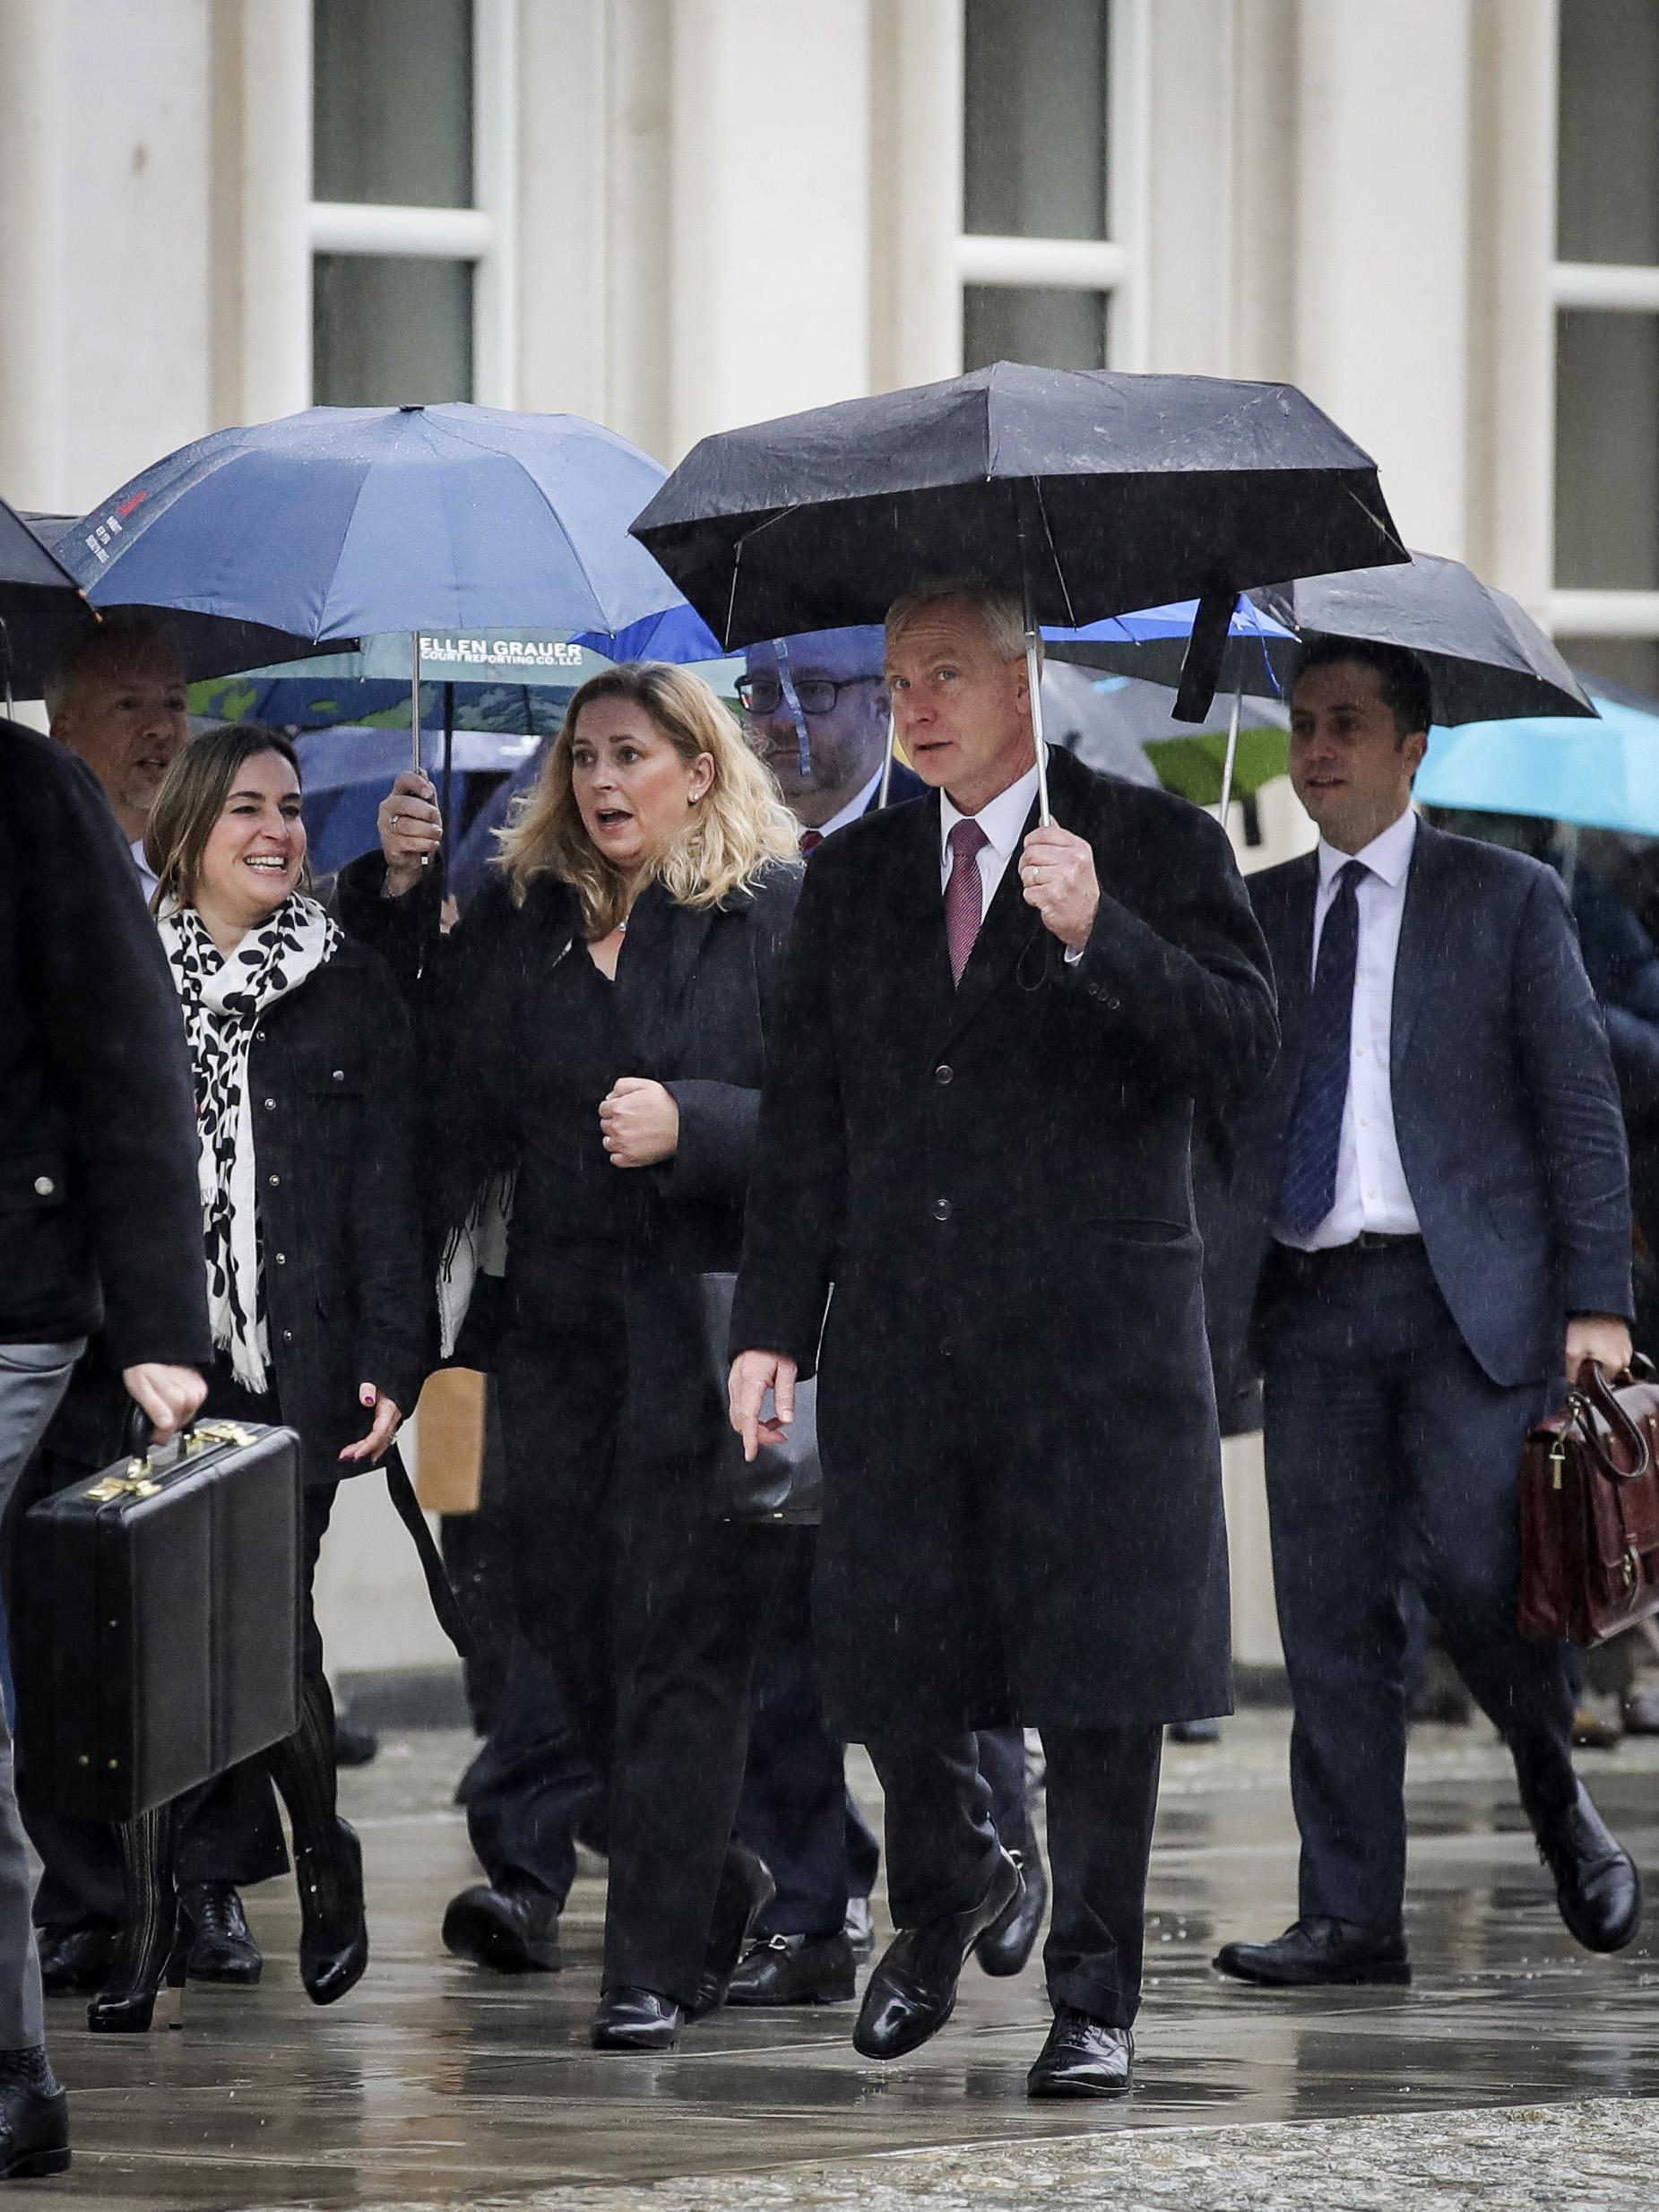 圖為2018年11月司法部紐約東區檢察官Richard Donoghue(前排右一)帶領起訴小組成員抵達紐約東區聯邦法院,作為檢方出席對墨西哥毒槍Joaquin Guzman的庭審。(Drew Angerer / Getty Images)